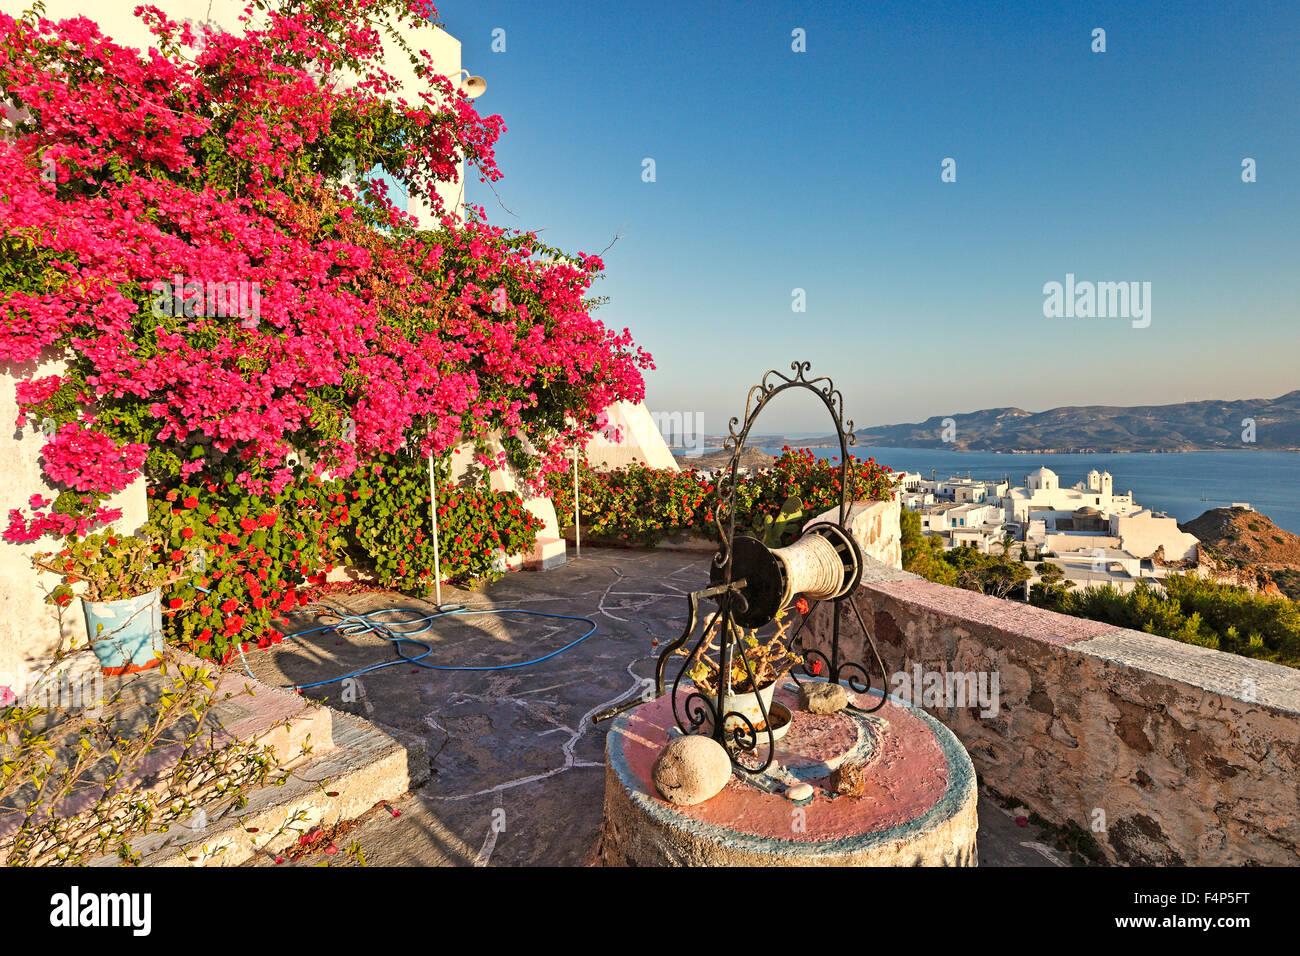 Ein Haus mit Wasser gut in das traditionelle Dorf Plaka in Milos, Griechenland Stockbild